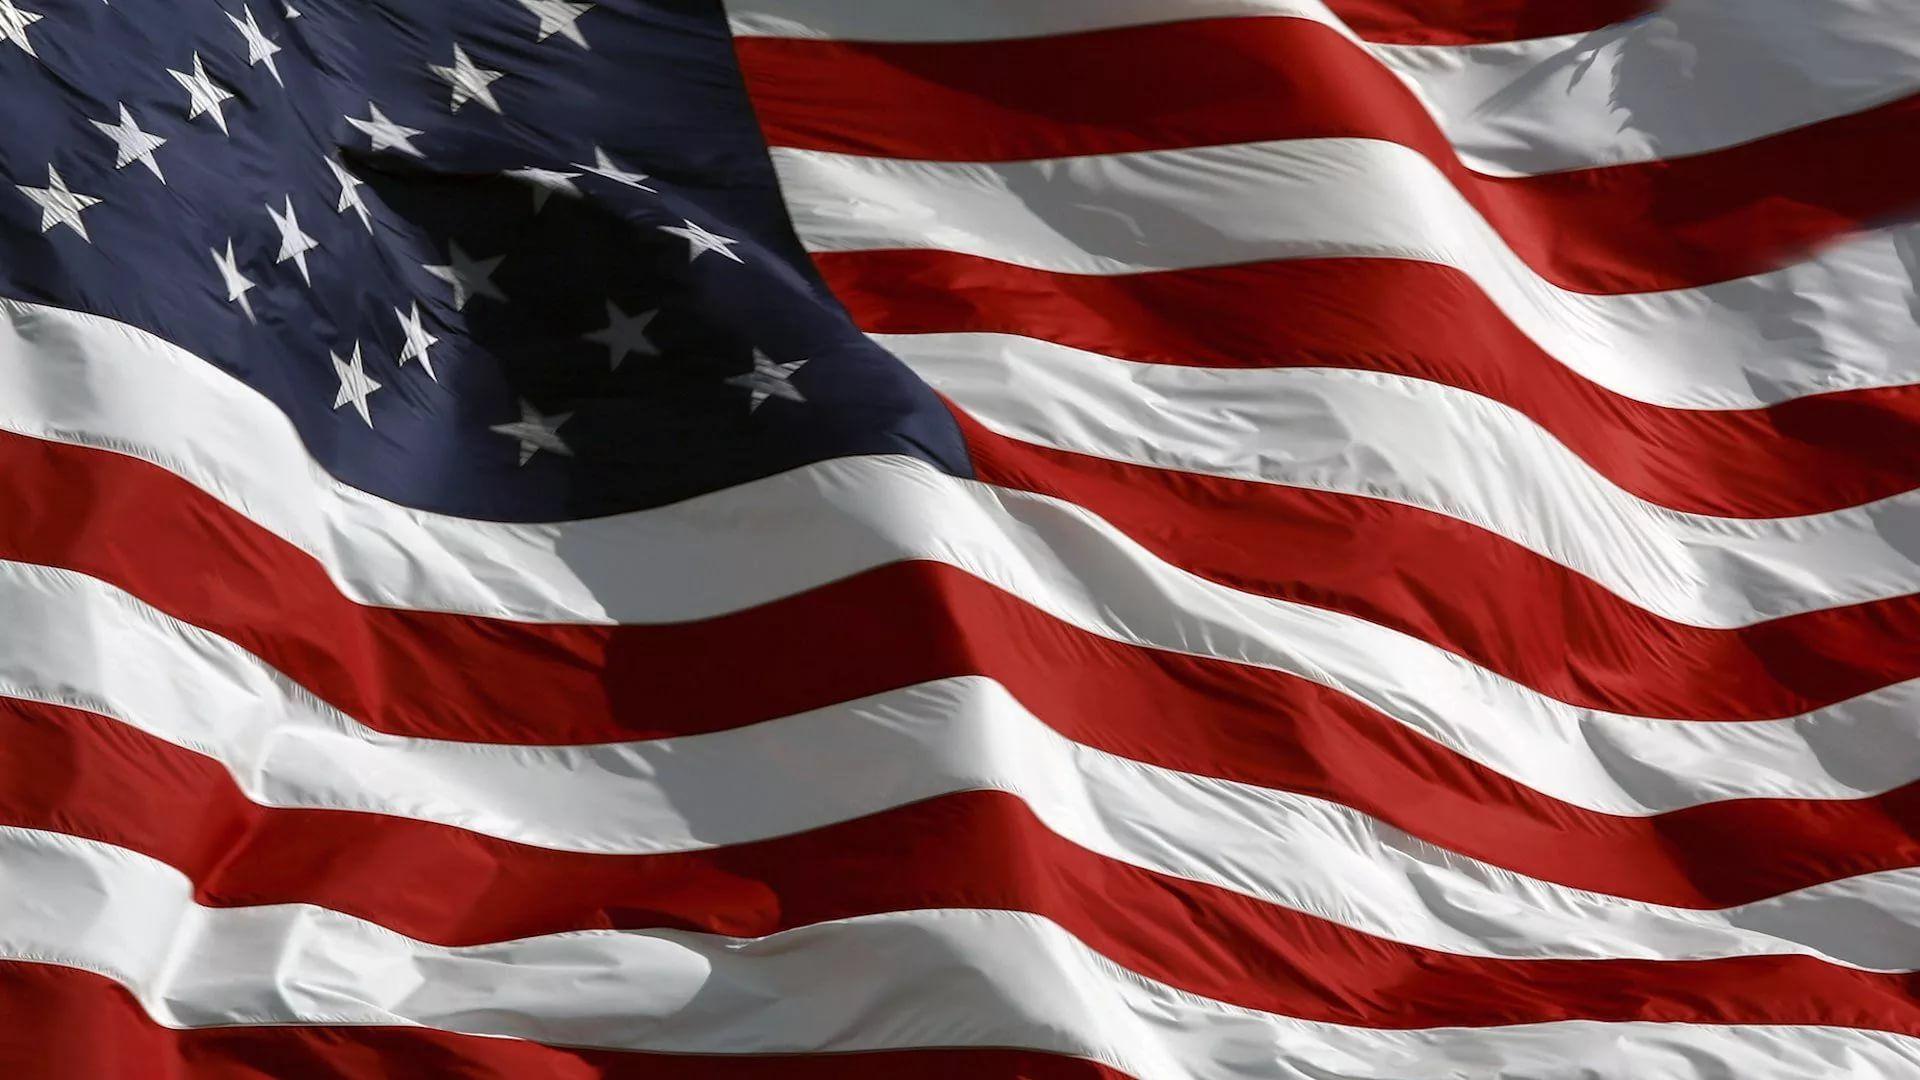 America Flag full hd wallpaper for laptop